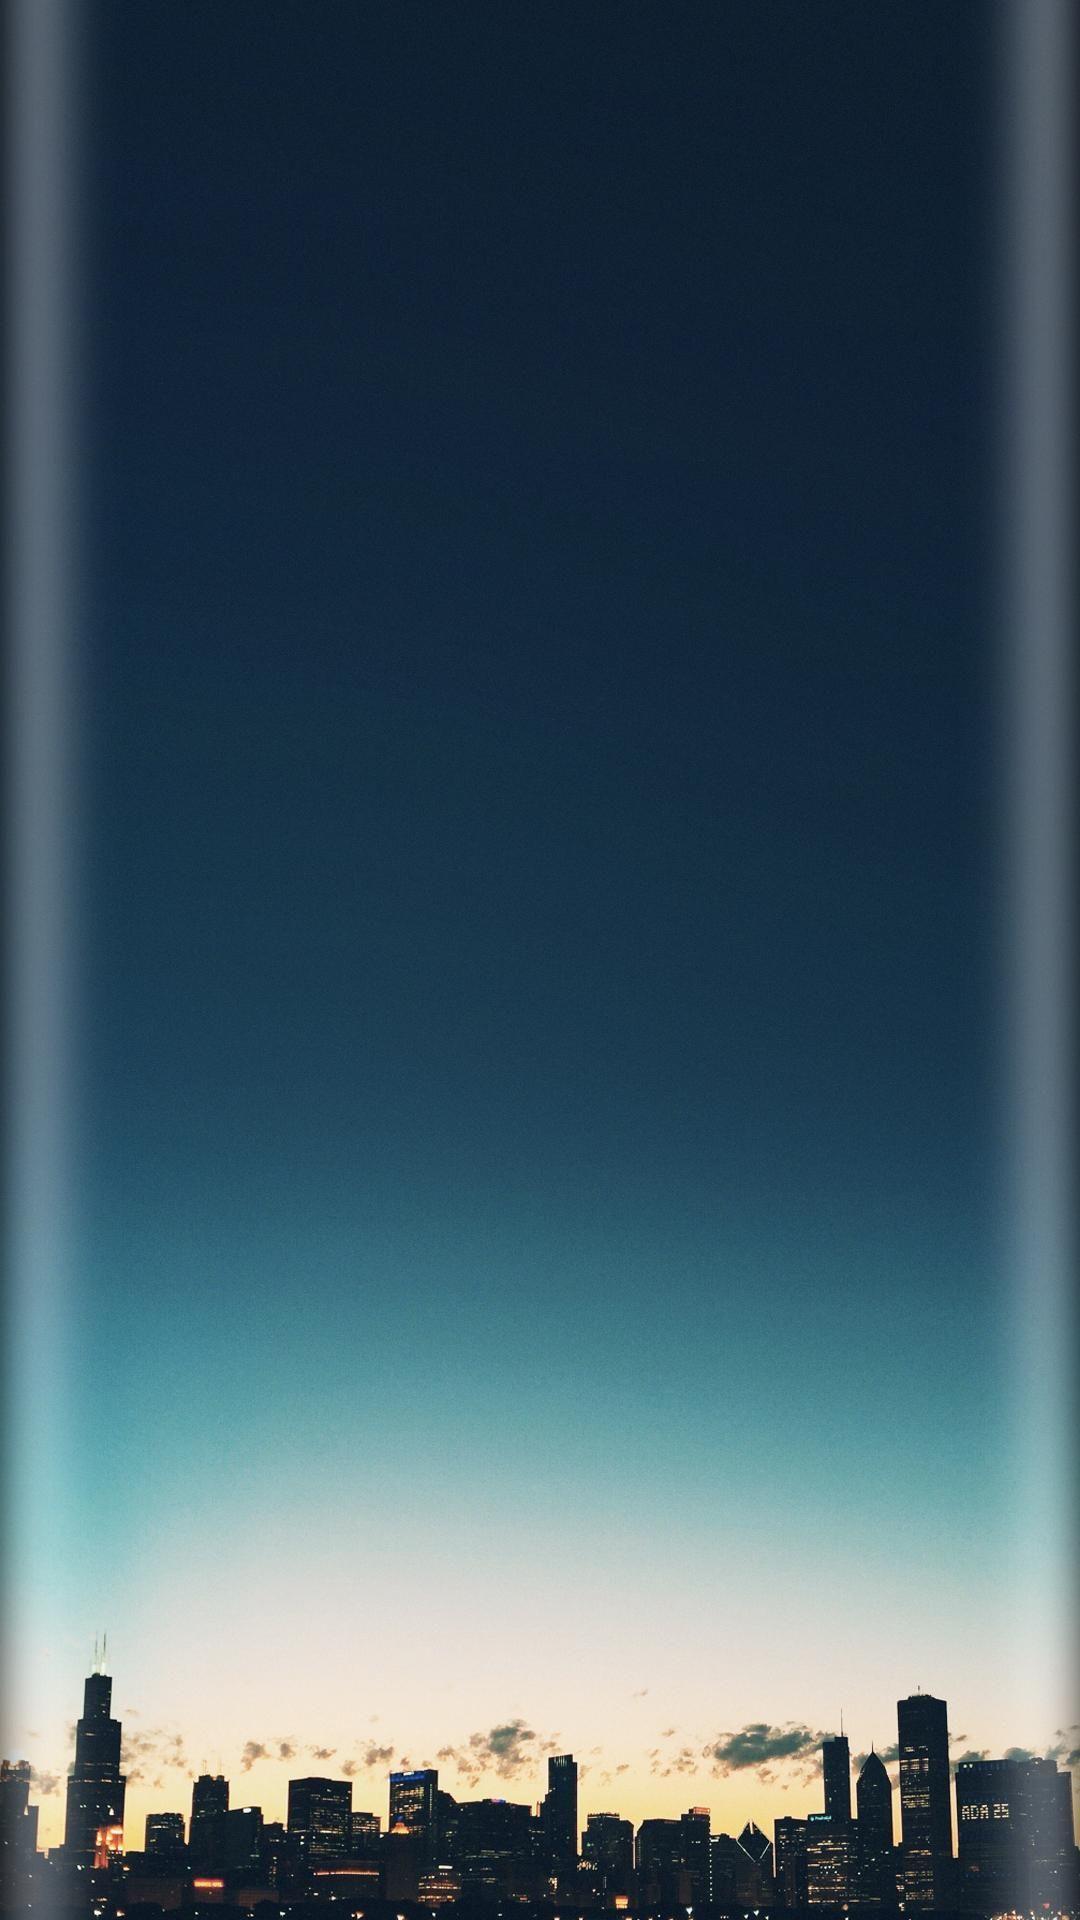 Iphonewallpaper Full Hd Hintergrundbildiphone Tapete 2 5D